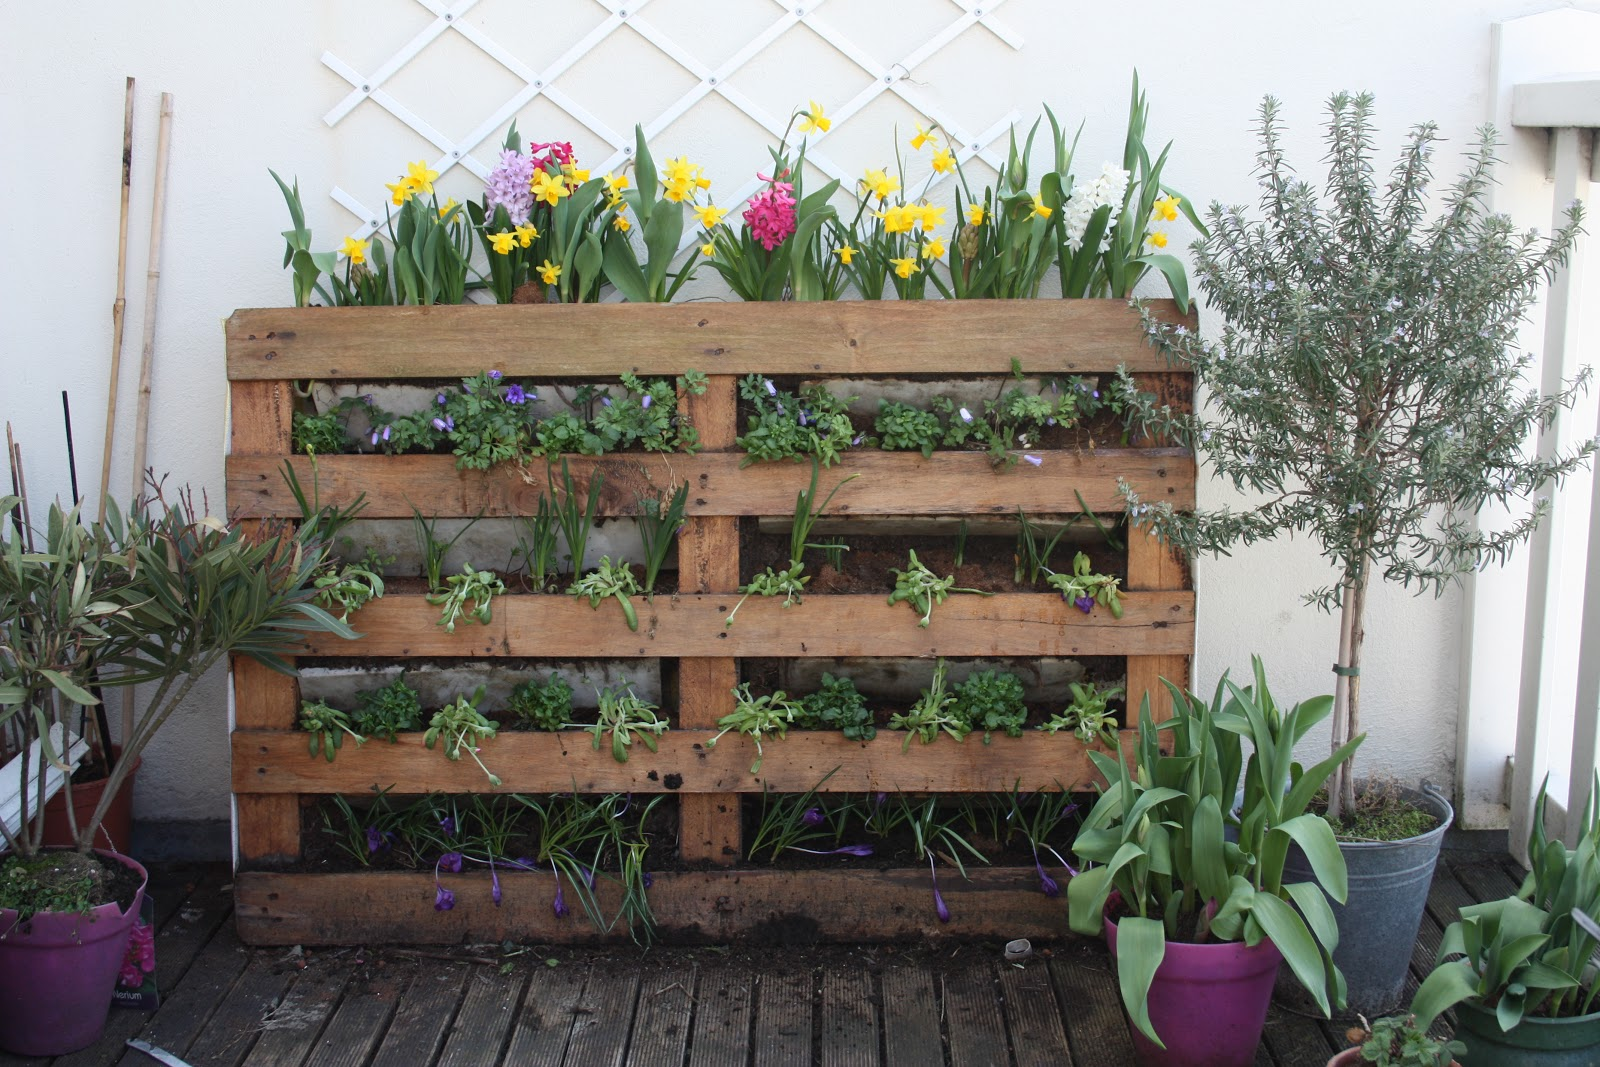 Muur Ideeen Tuin : Muur decoratie ideeen terras idee n voor de tuin piz zapp